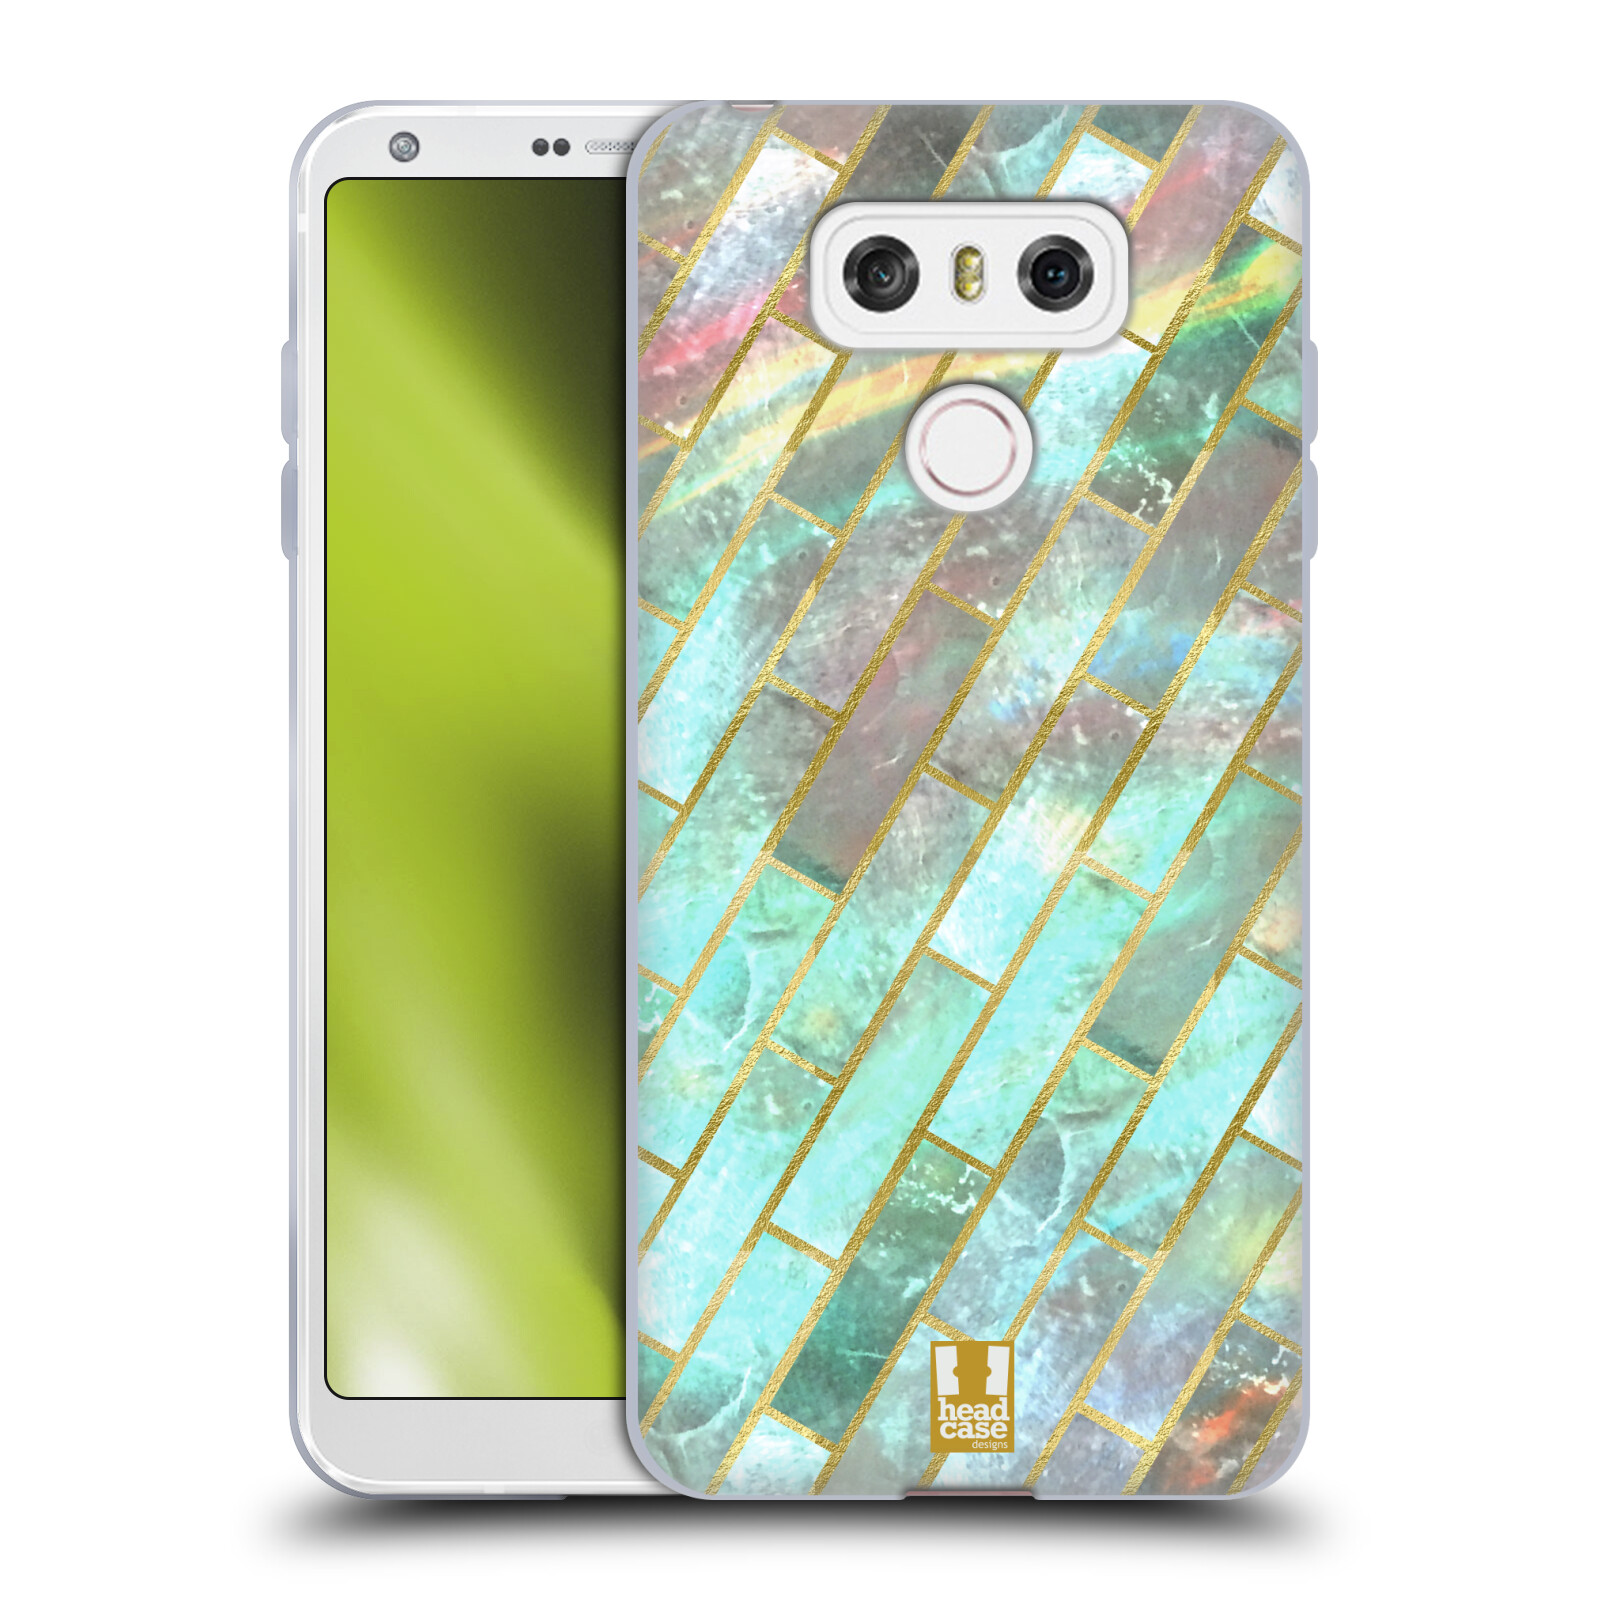 Funda-HEAD-CASE-DESIGNS-CON-CLASE-Capiz-impresiones-Gel-Suave-Estuche-para-los-telefonos-LG-1